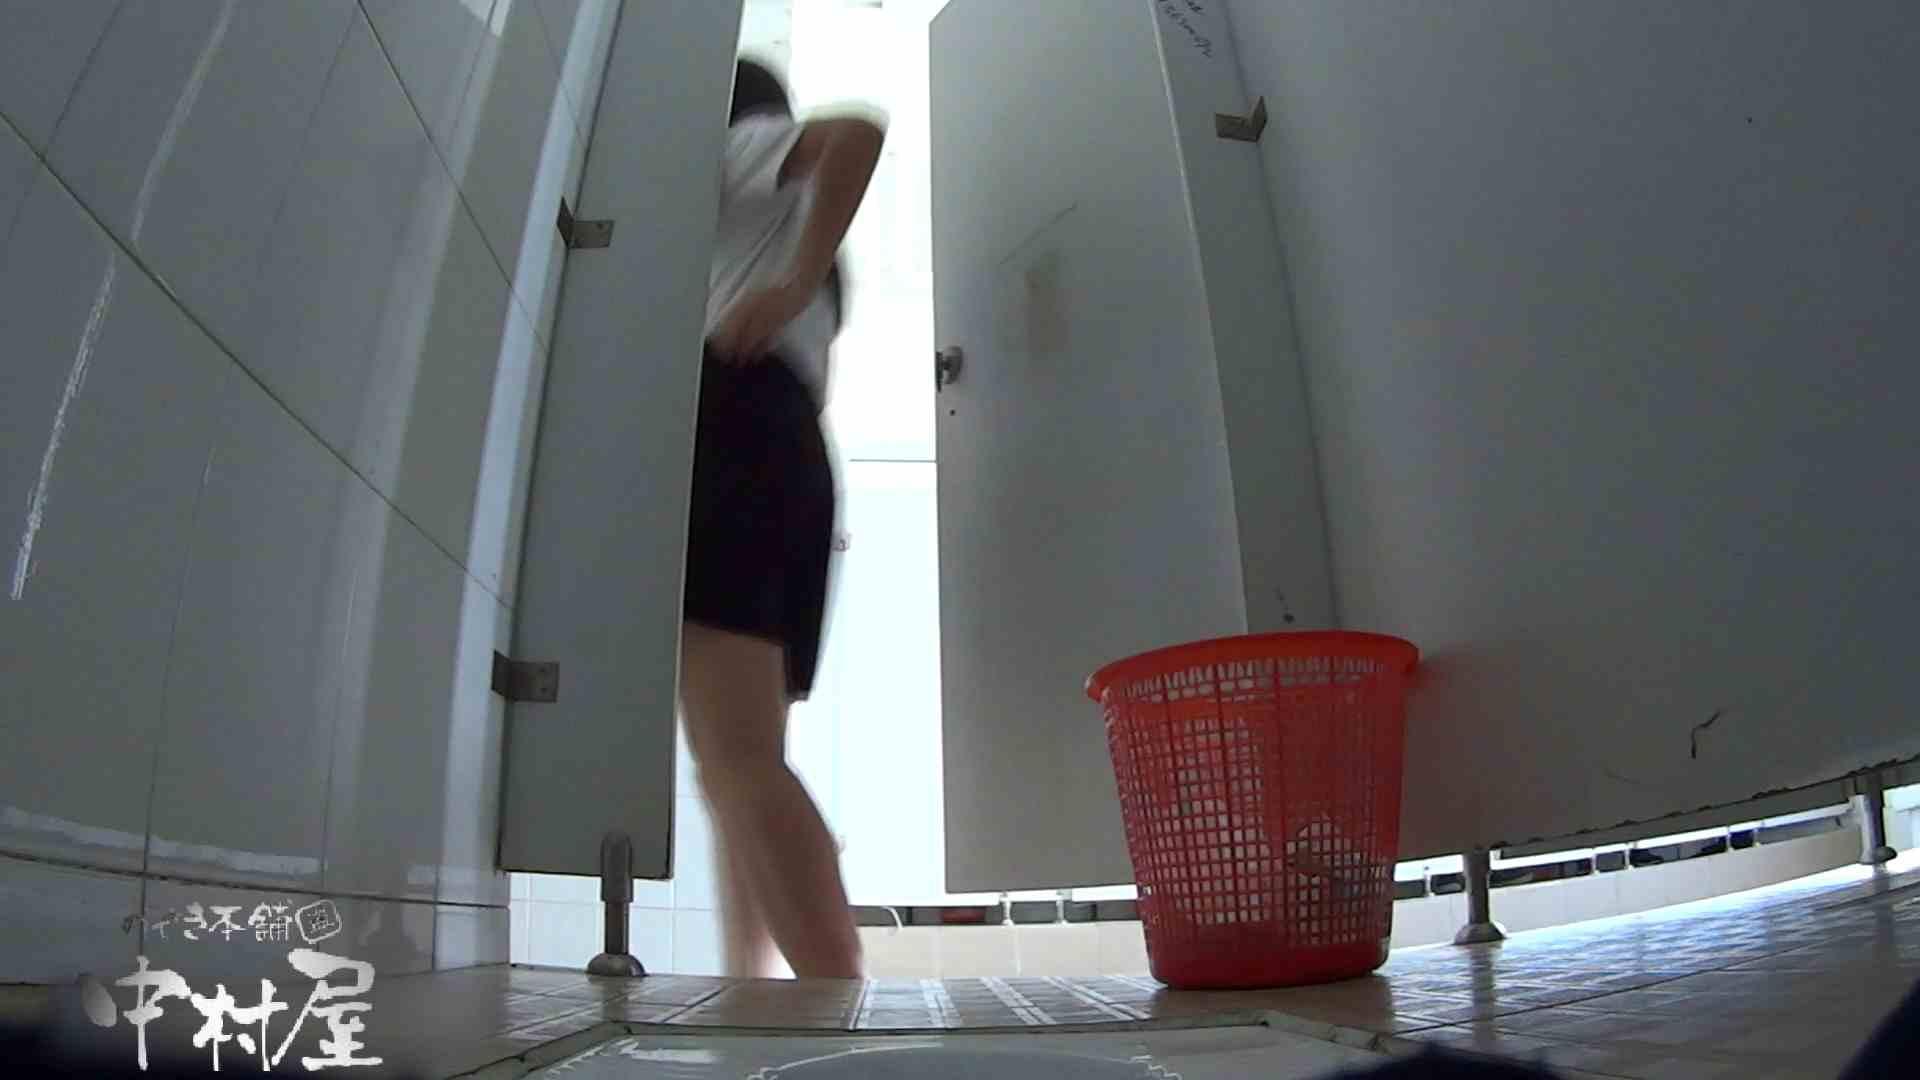 アジアンビューティー達の聖水 大学休憩時間の洗面所事情24 お姉さんのエロ動画 AV無料 76PIX 63